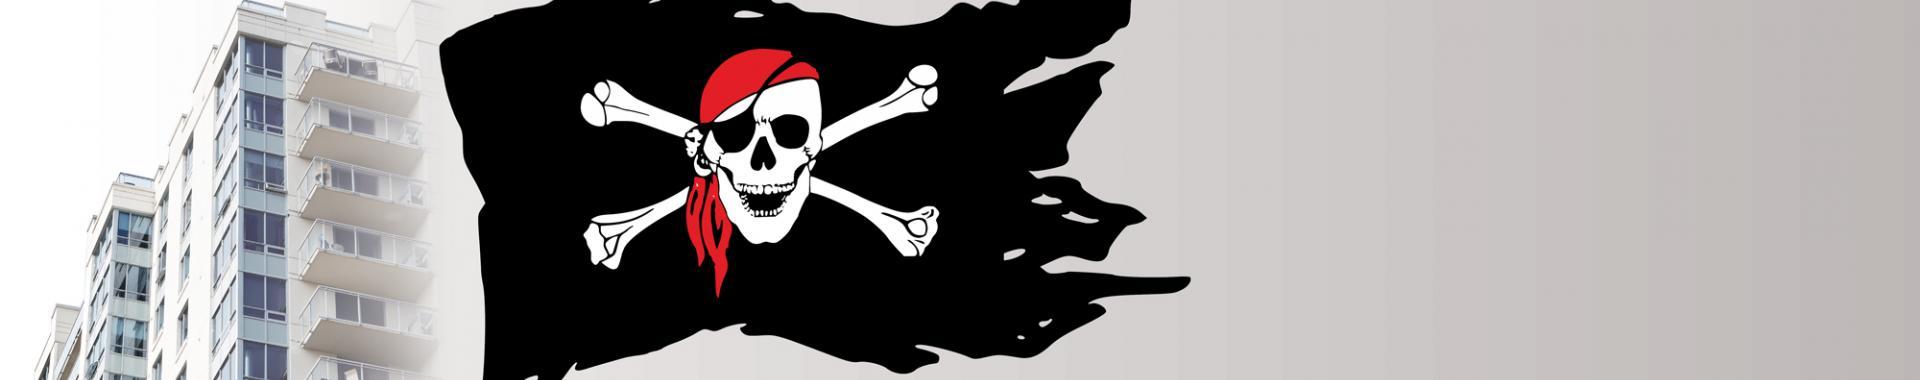 piráti, prázdné byty, ksčm